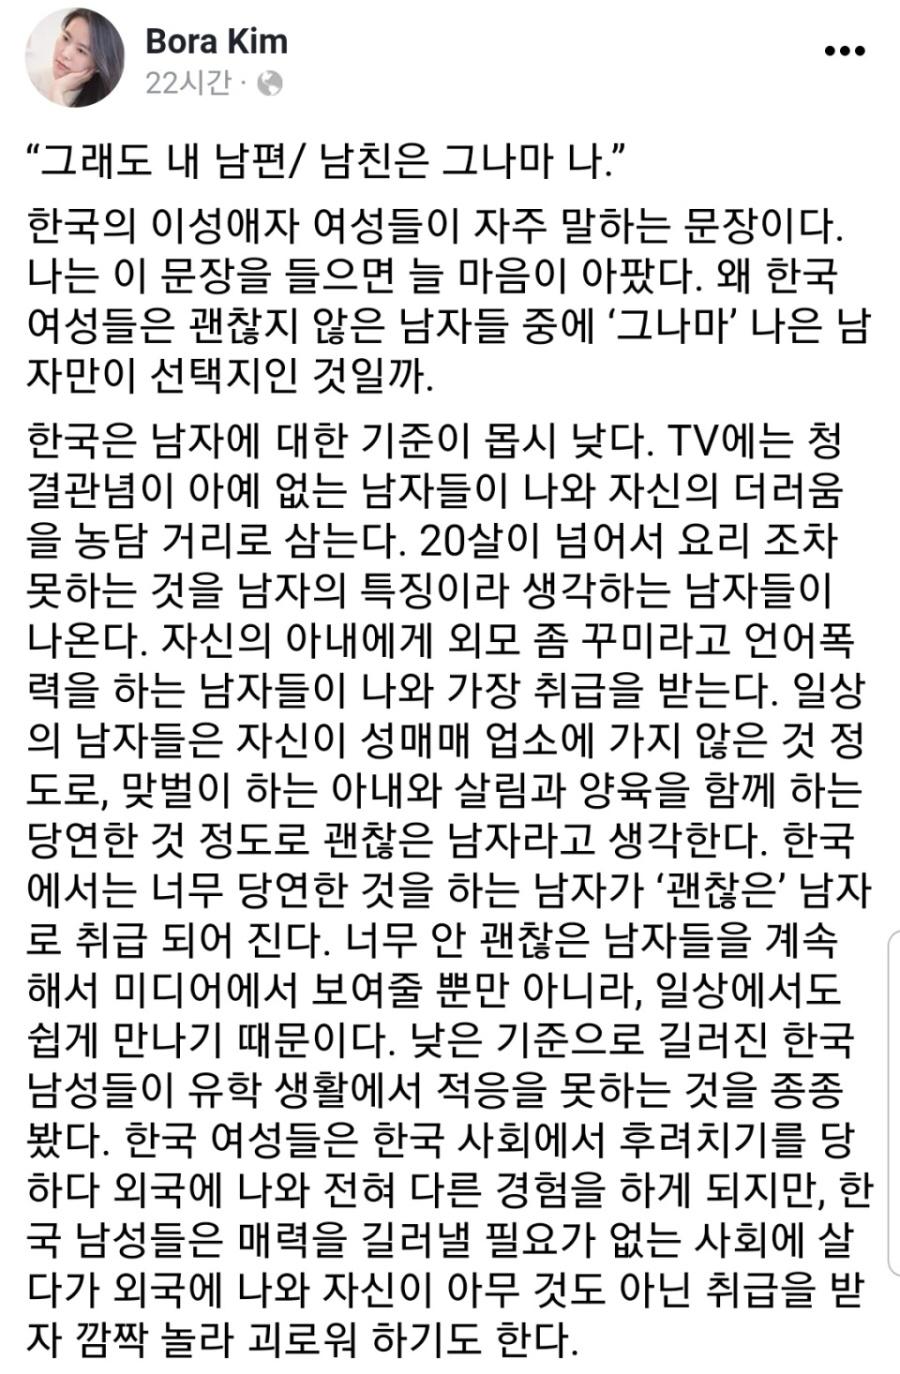 벌새 김보라의 페이스북 글 (1).png